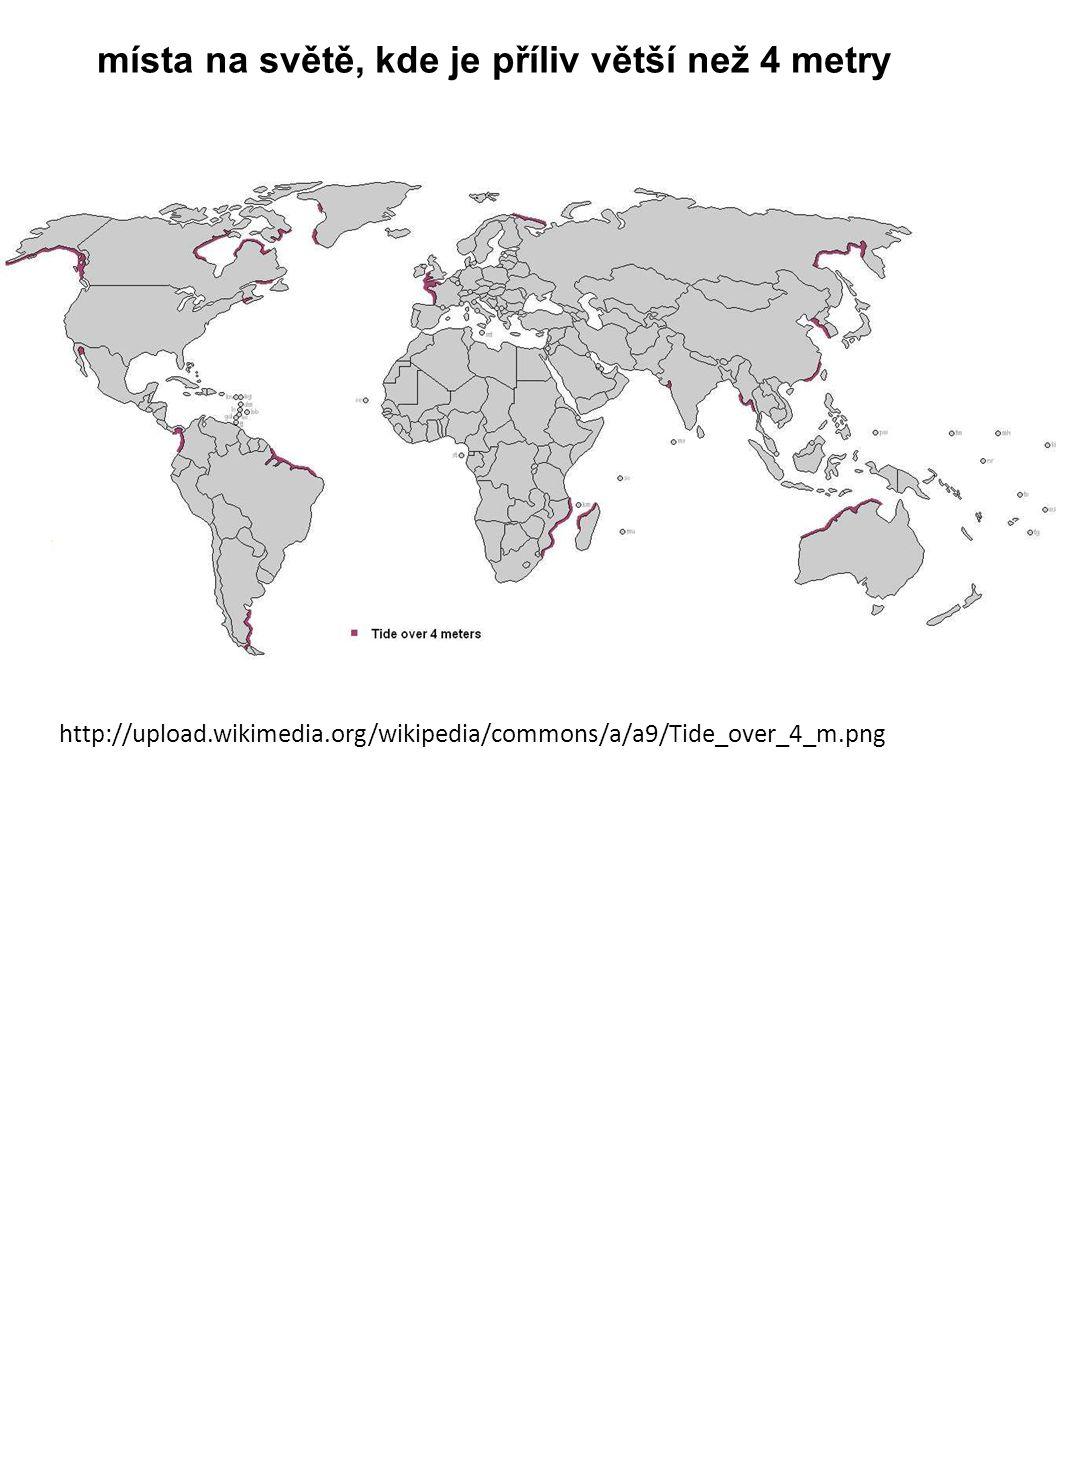 http://upload.wikimedia.org/wikipedia/commons/a/a9/Tide_over_4_m.png místa na světě, kde je příliv větší než 4 metry